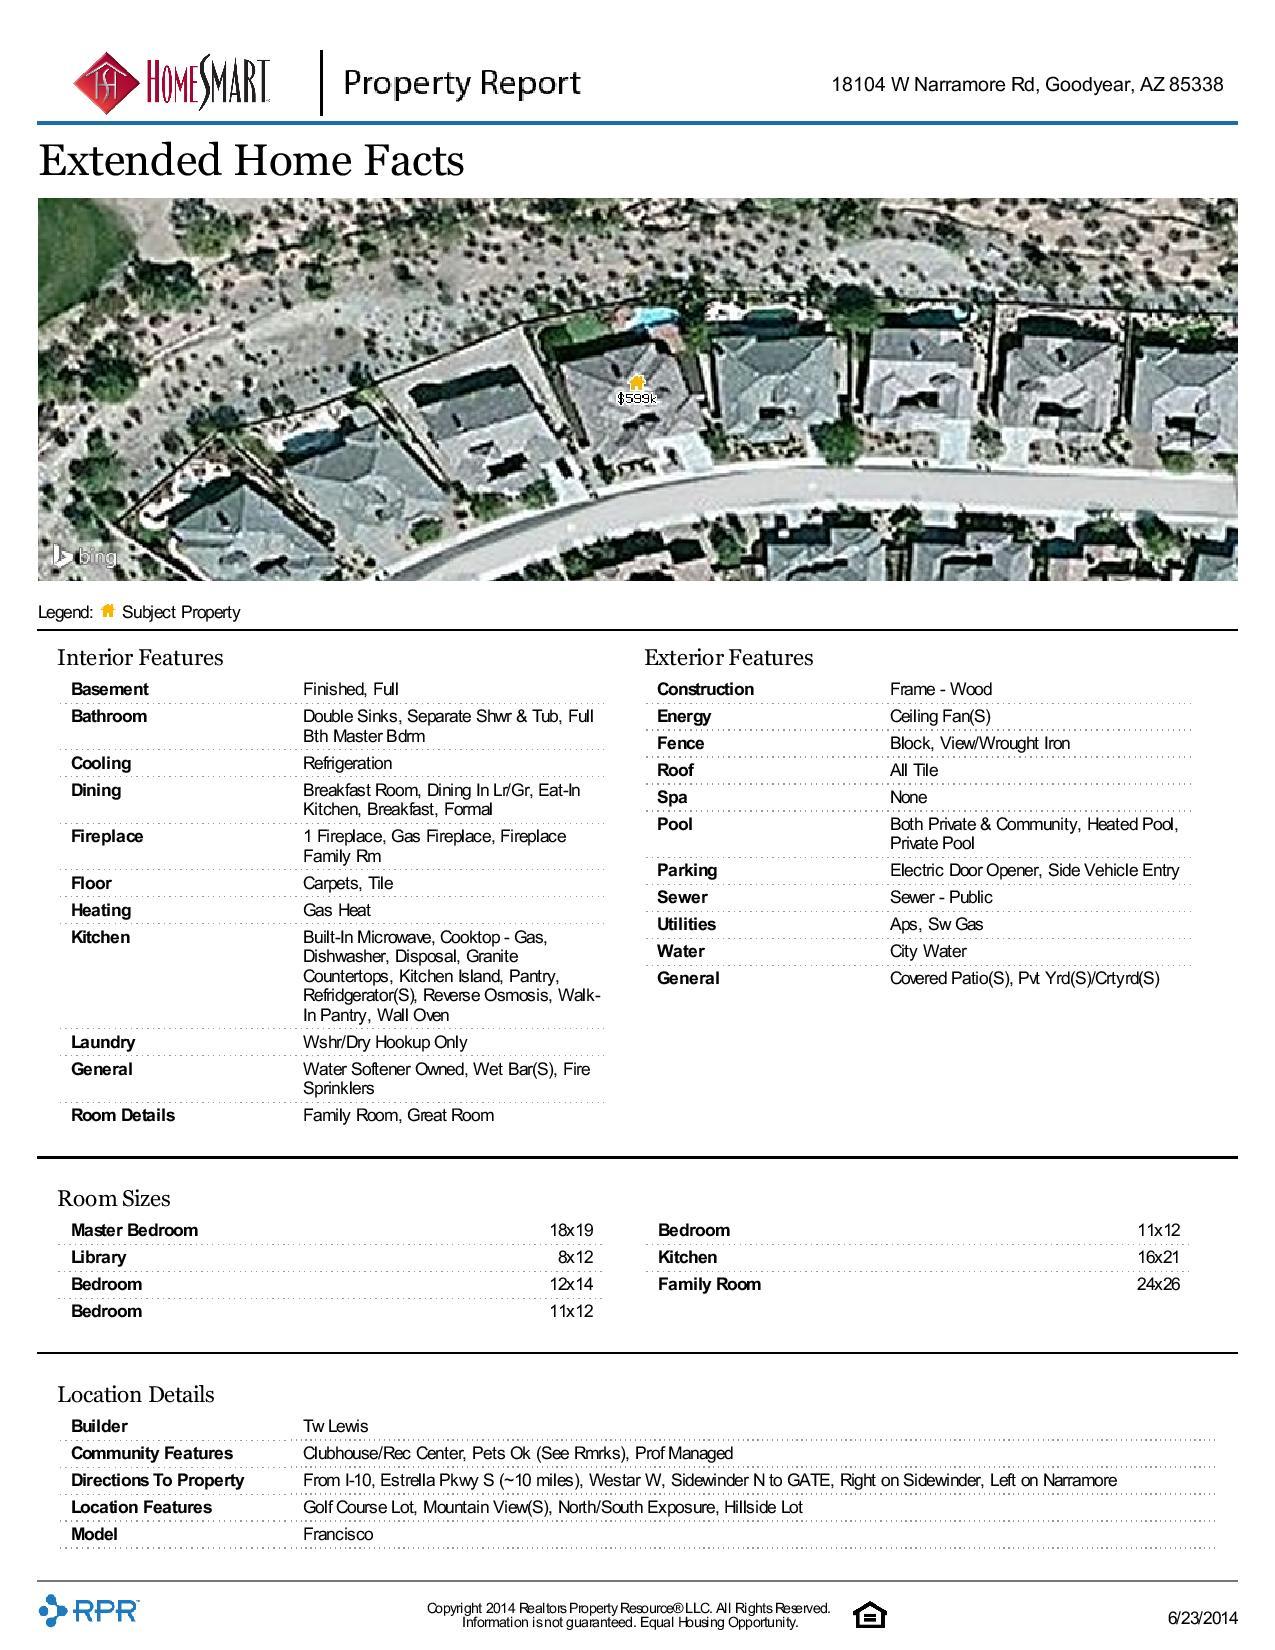 18104-W-Narramore-Rd-Goodyear-AZ-85338-page-004